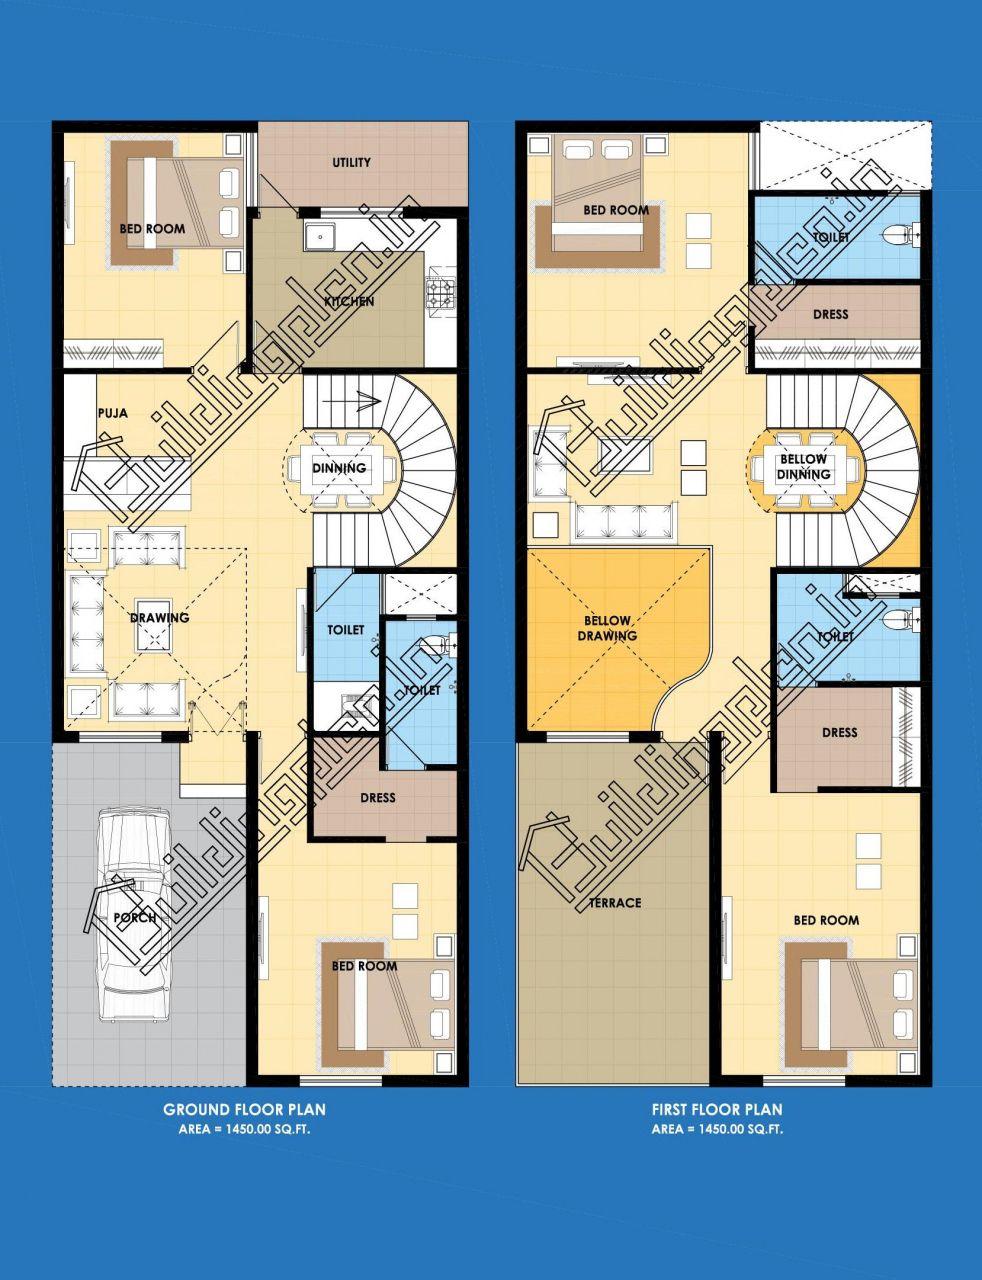 14+ 2017 house plans image ideas